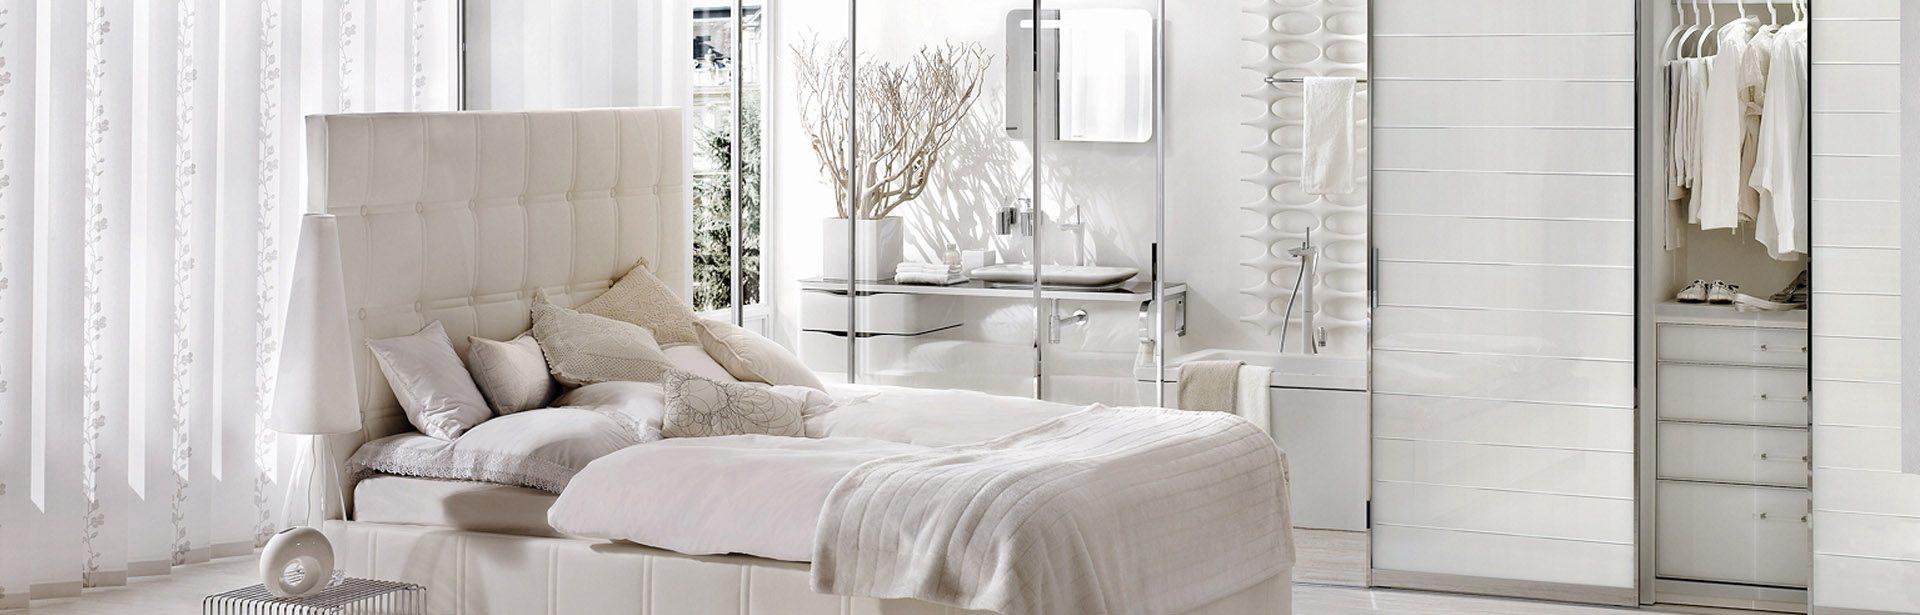 Für jeden Wohnstil die passende Lösung mit CABINET: Modern Style